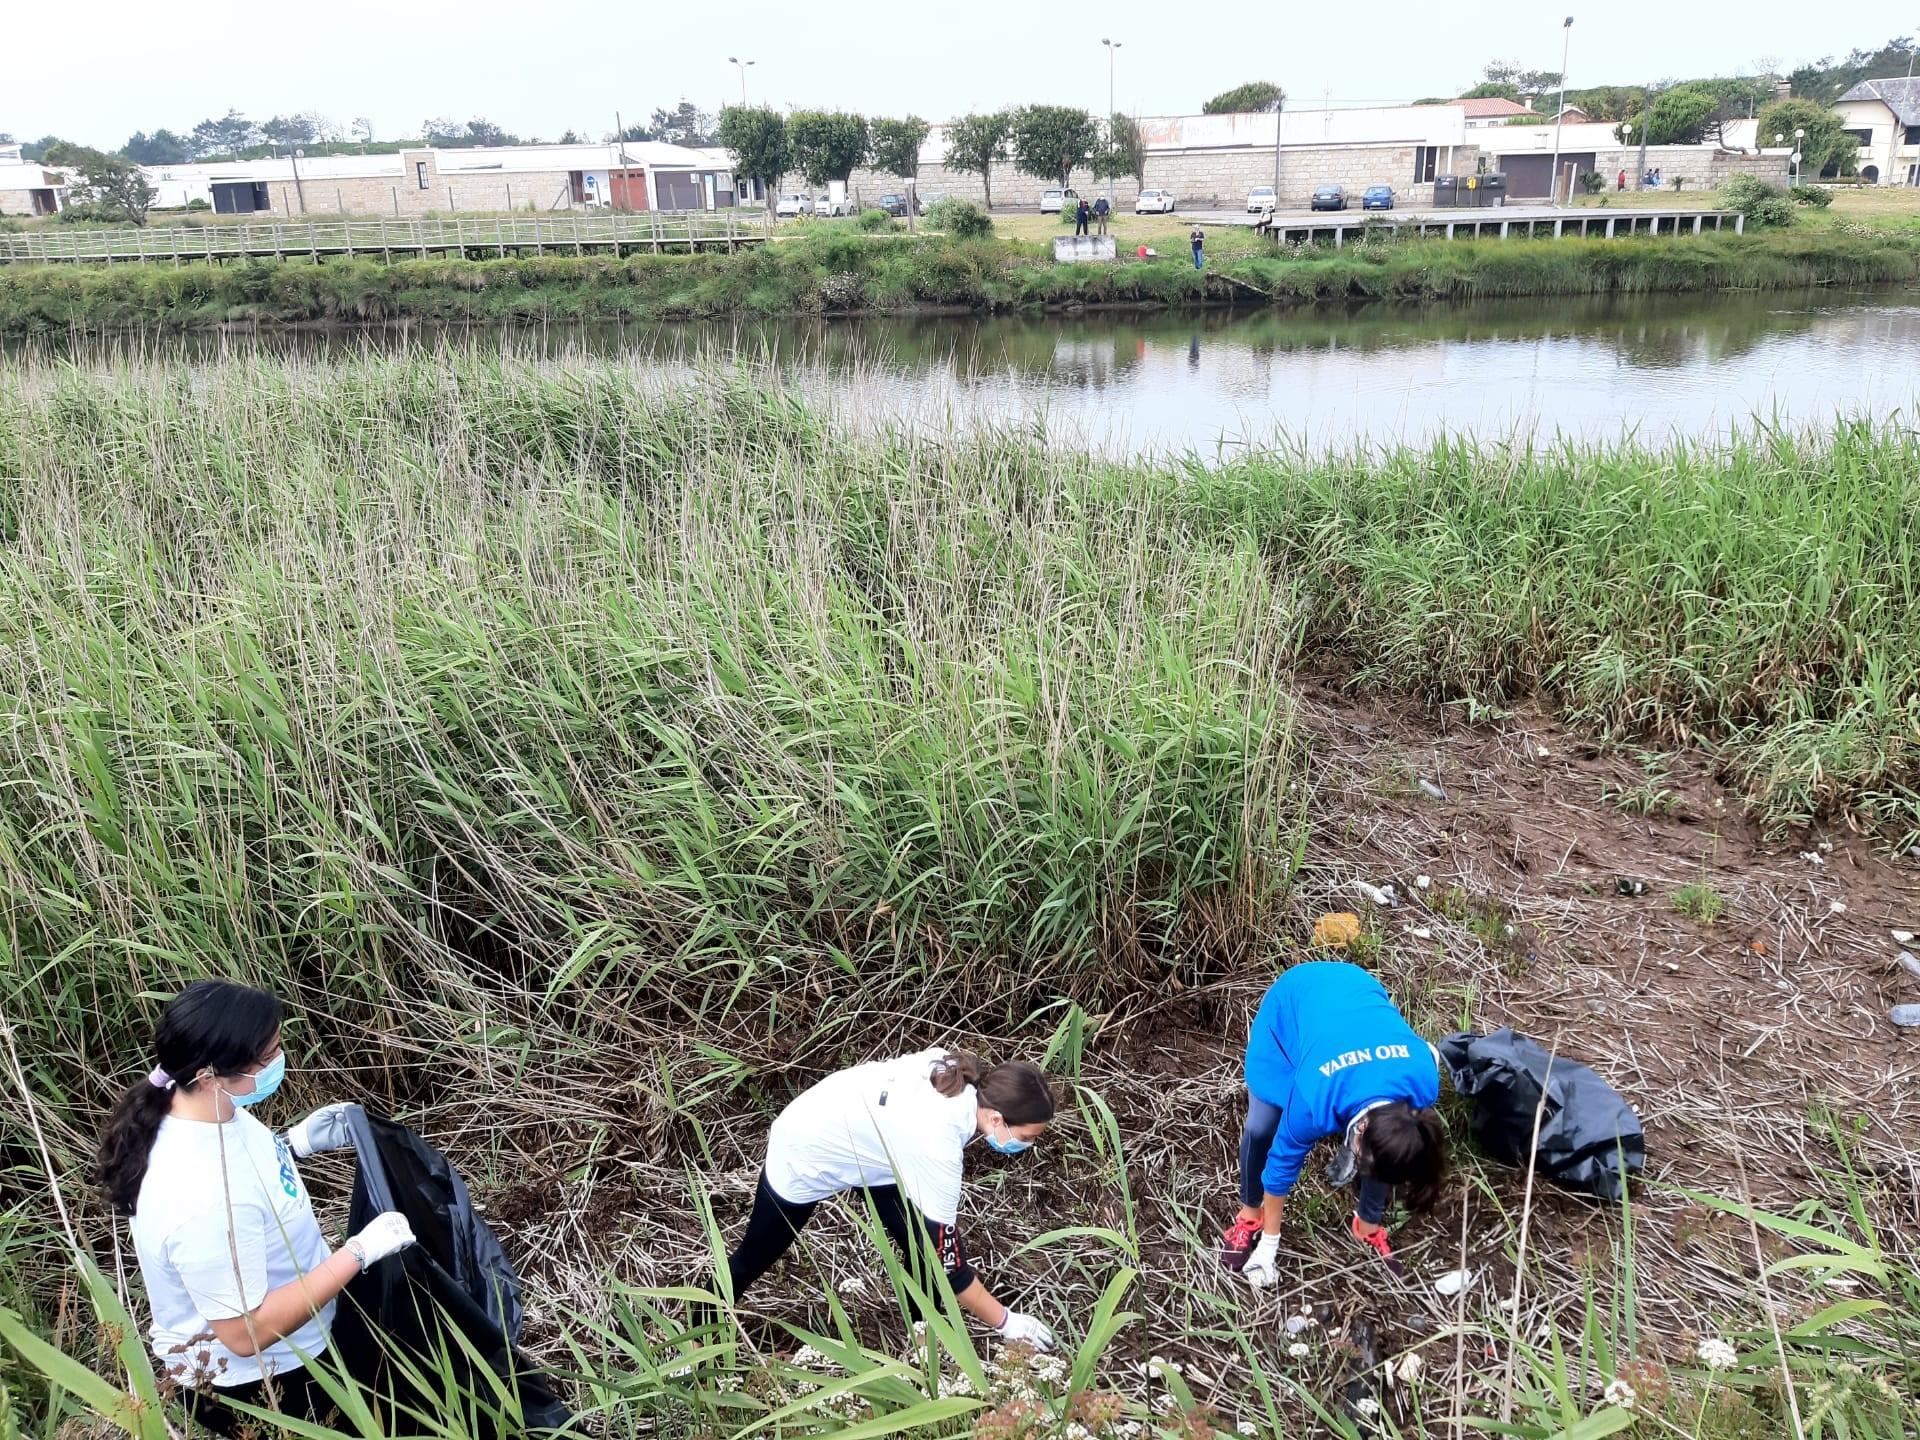 Voluntários recolhem 1,35 toneladas de resíduos nas praias e zonas ribeirinhas de Esposende